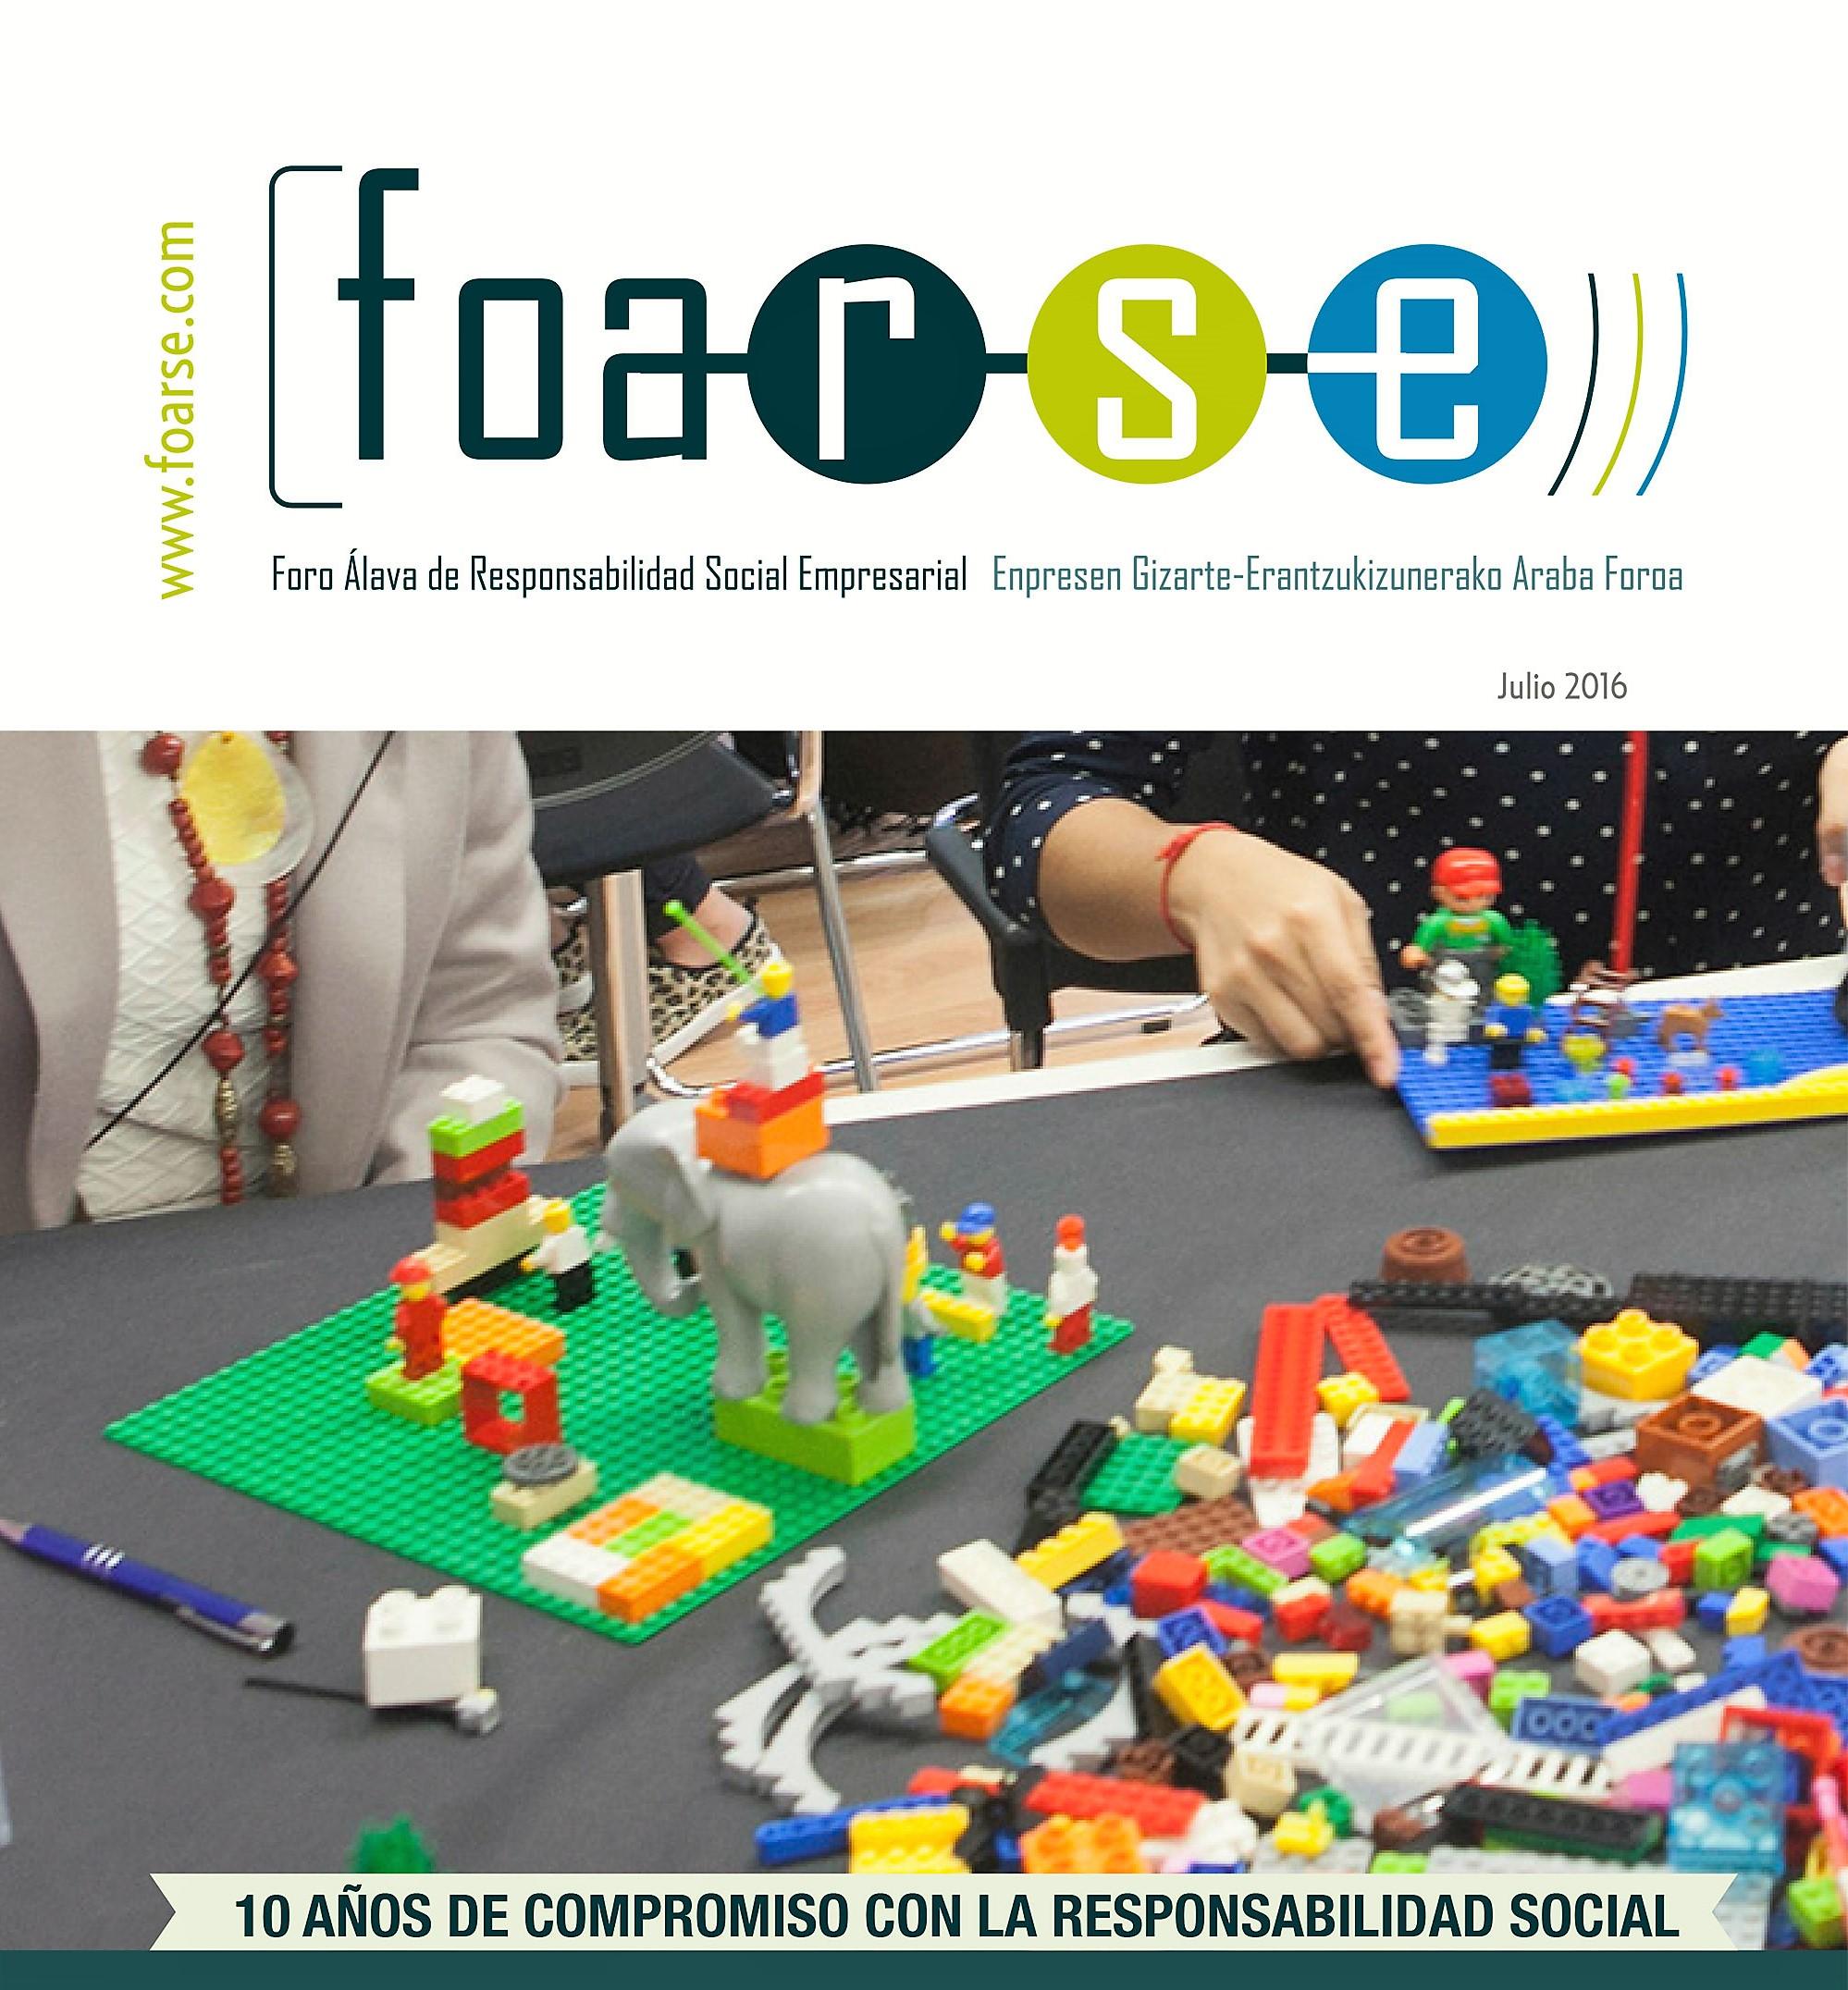 Foarse_2-1-1